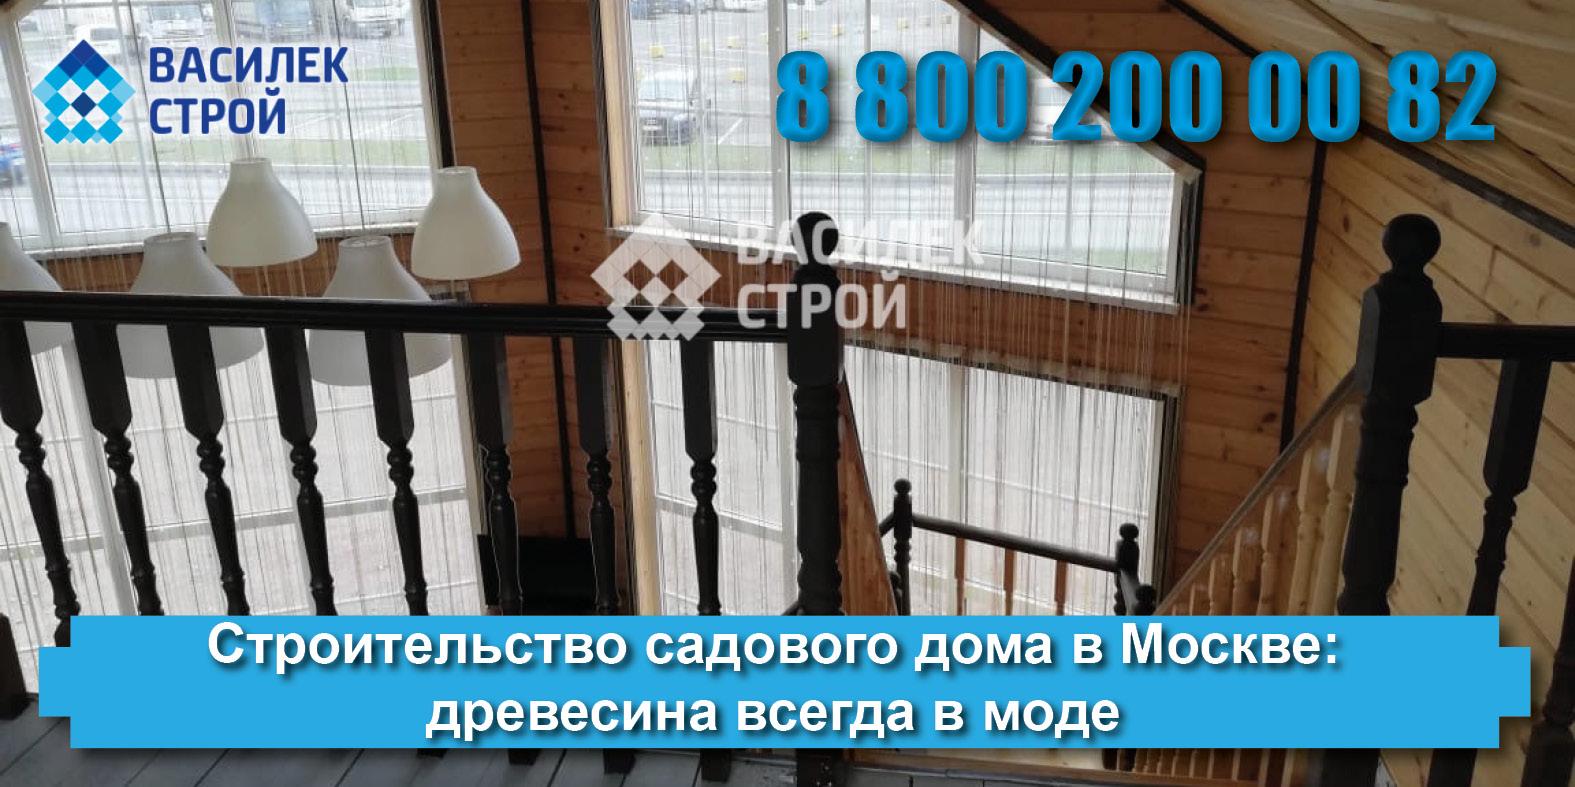 Строительство садового дома в Москве: древесина всегда в моде